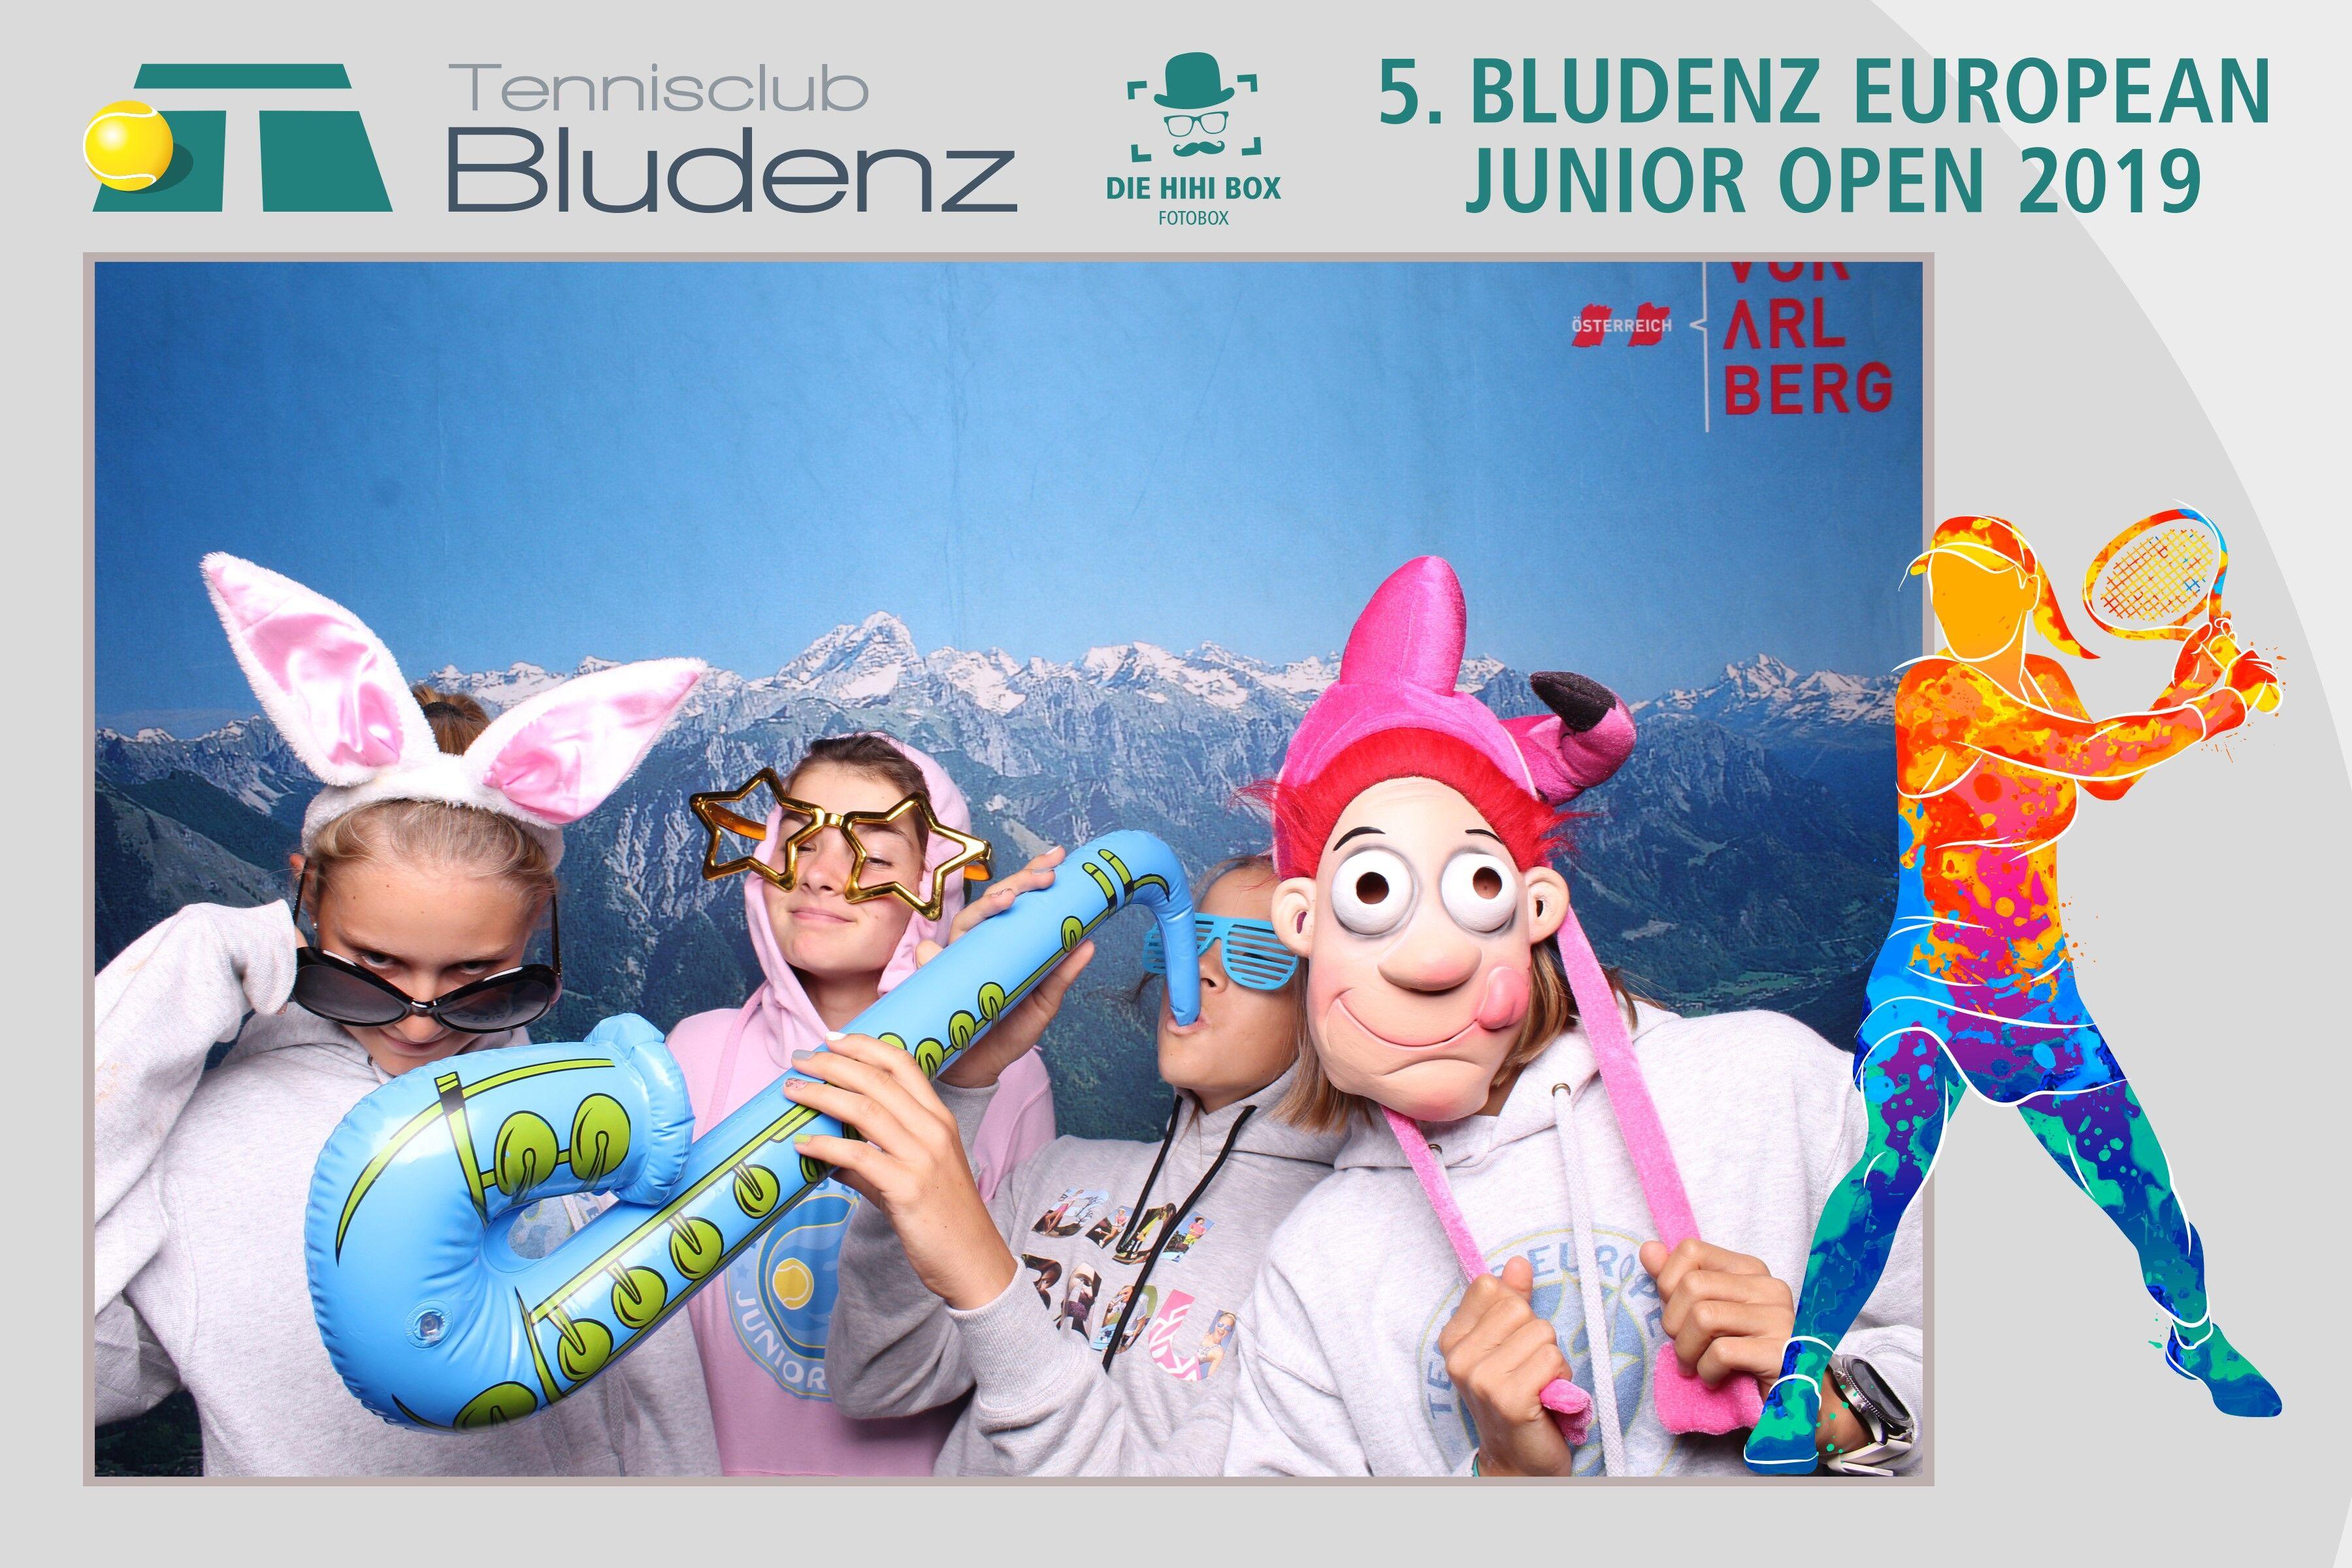 Tennis Europe Bludenz 12. -16. August 2019